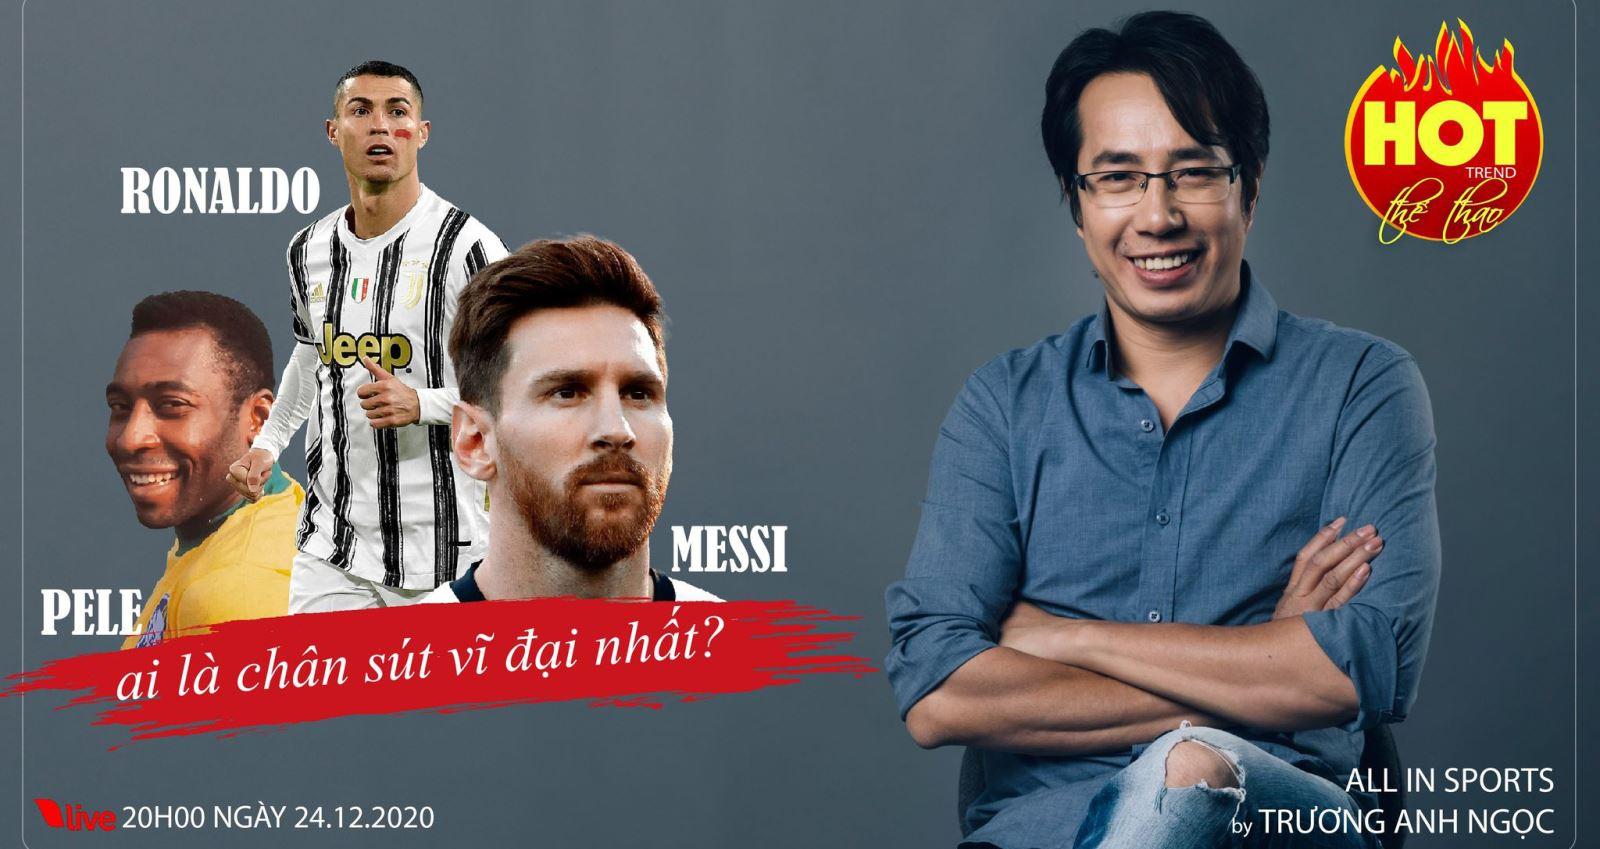 Ronaldo, Messi, Pele, BLV Anh Ngọc, bóng đá, bong da hom nay, hot trend